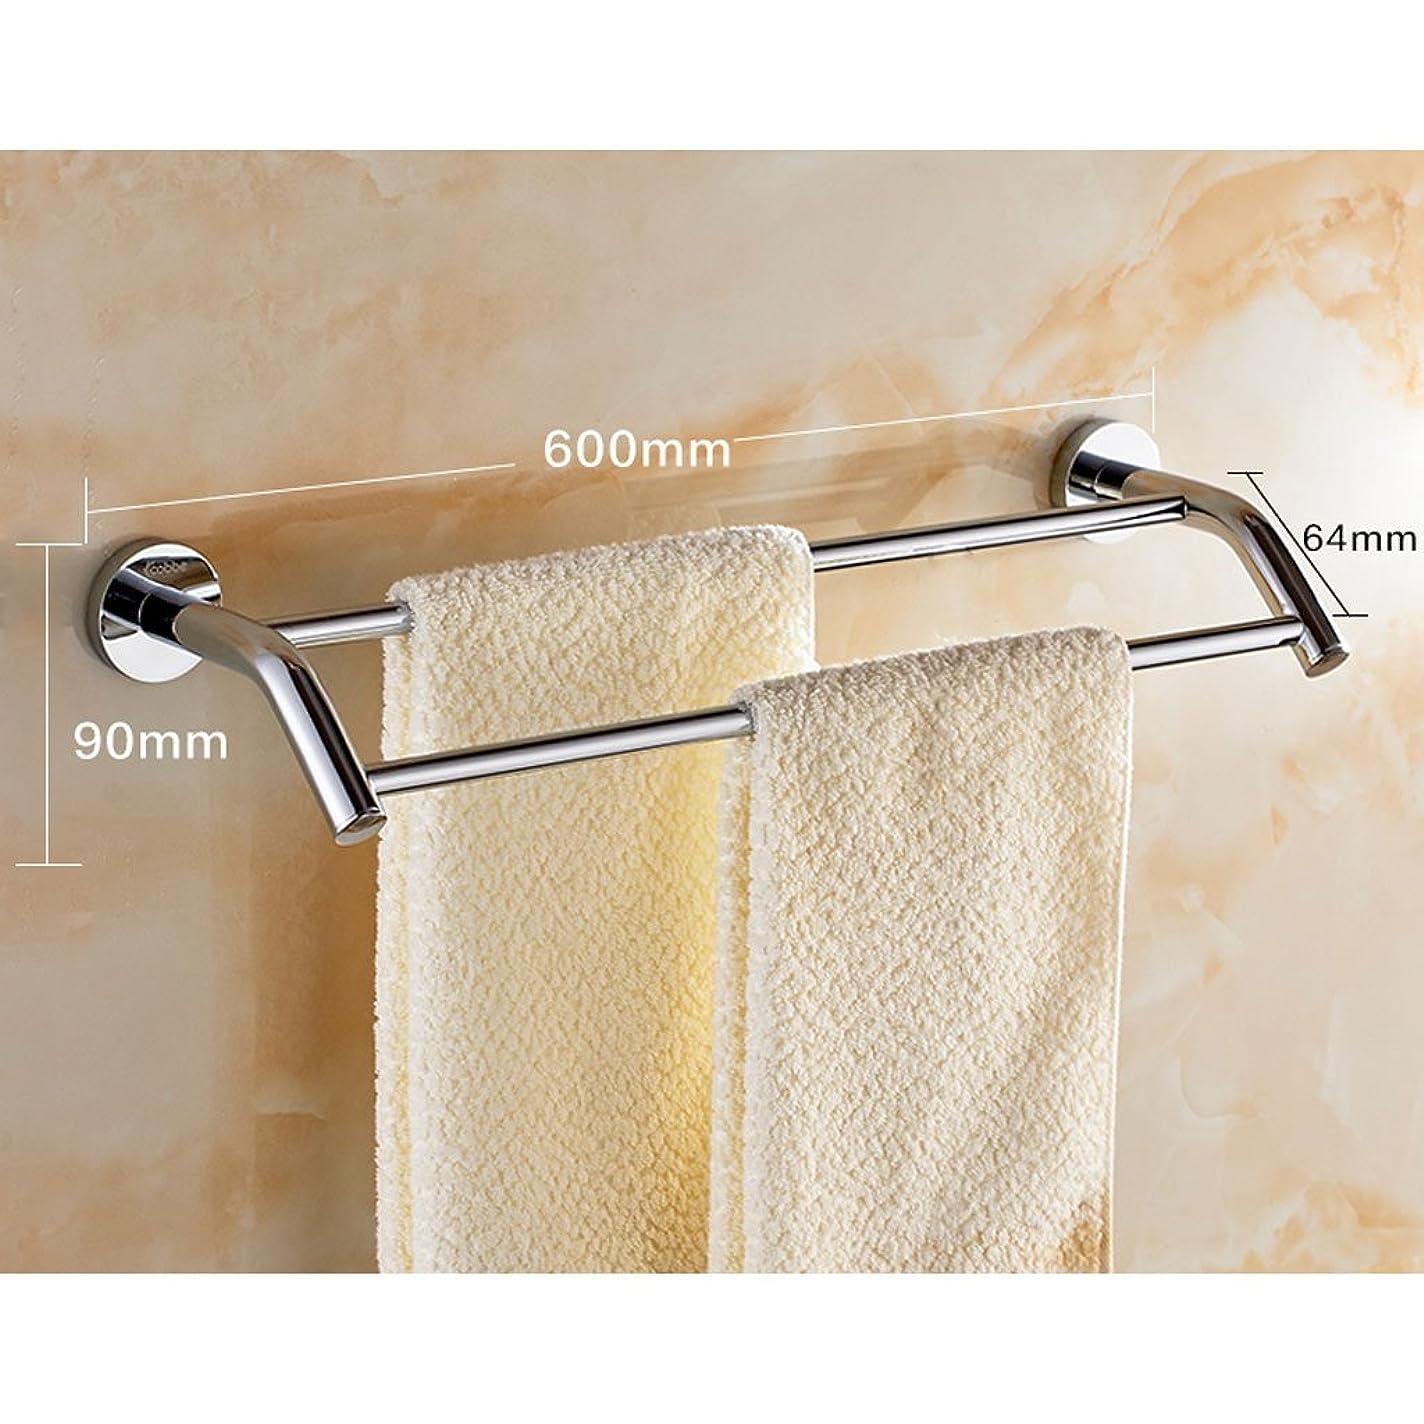 たくさんの平行褒賞タオル掛けタオルスタンド 浴室の銅のクロムタオル掛けの平行棒タオルバー60CMの最高負荷150kg